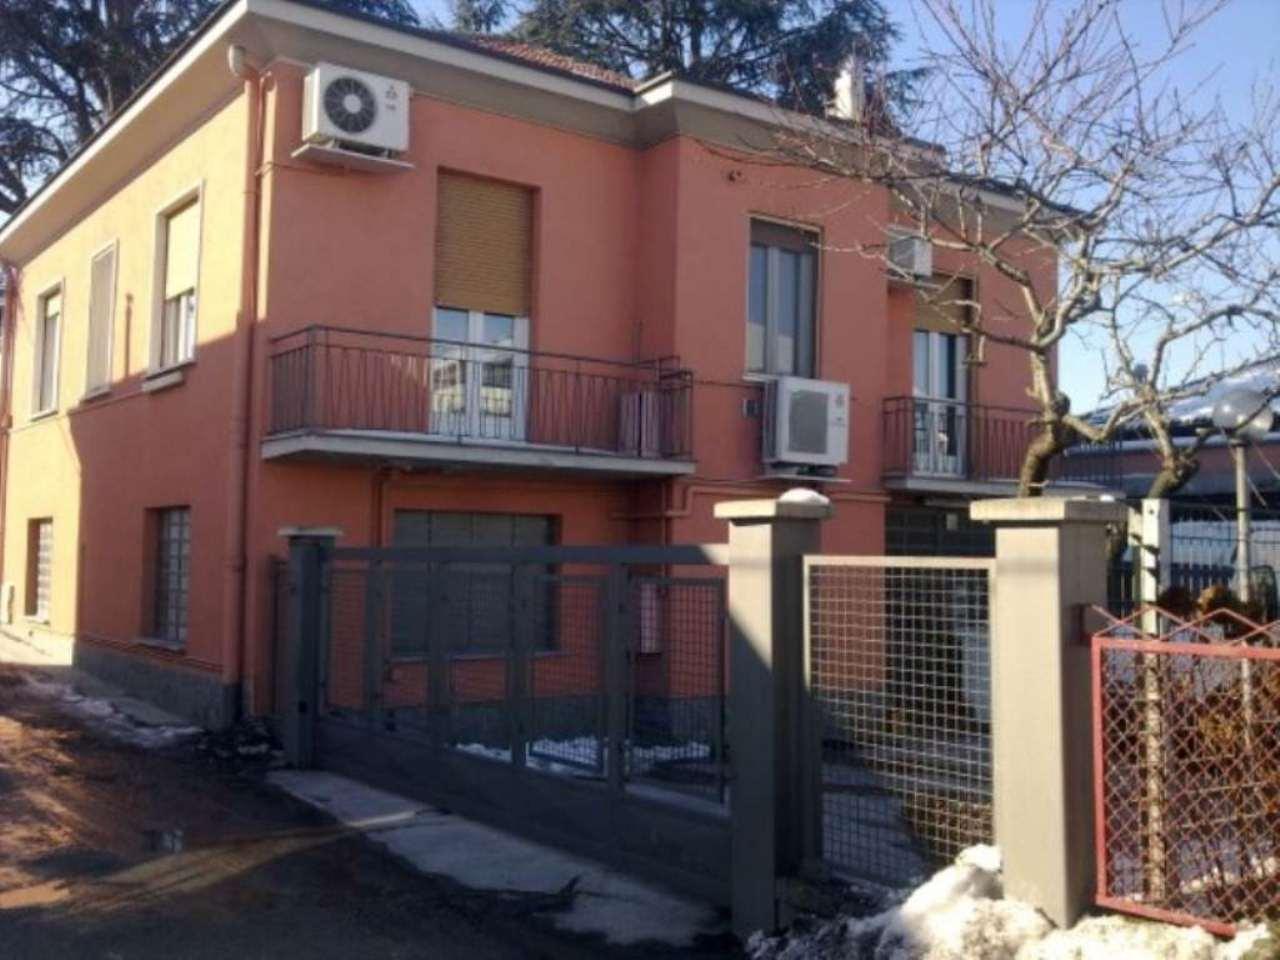 Soluzione Indipendente in vendita a Moncalieri, 6 locali, Trattative riservate | Cambio Casa.it